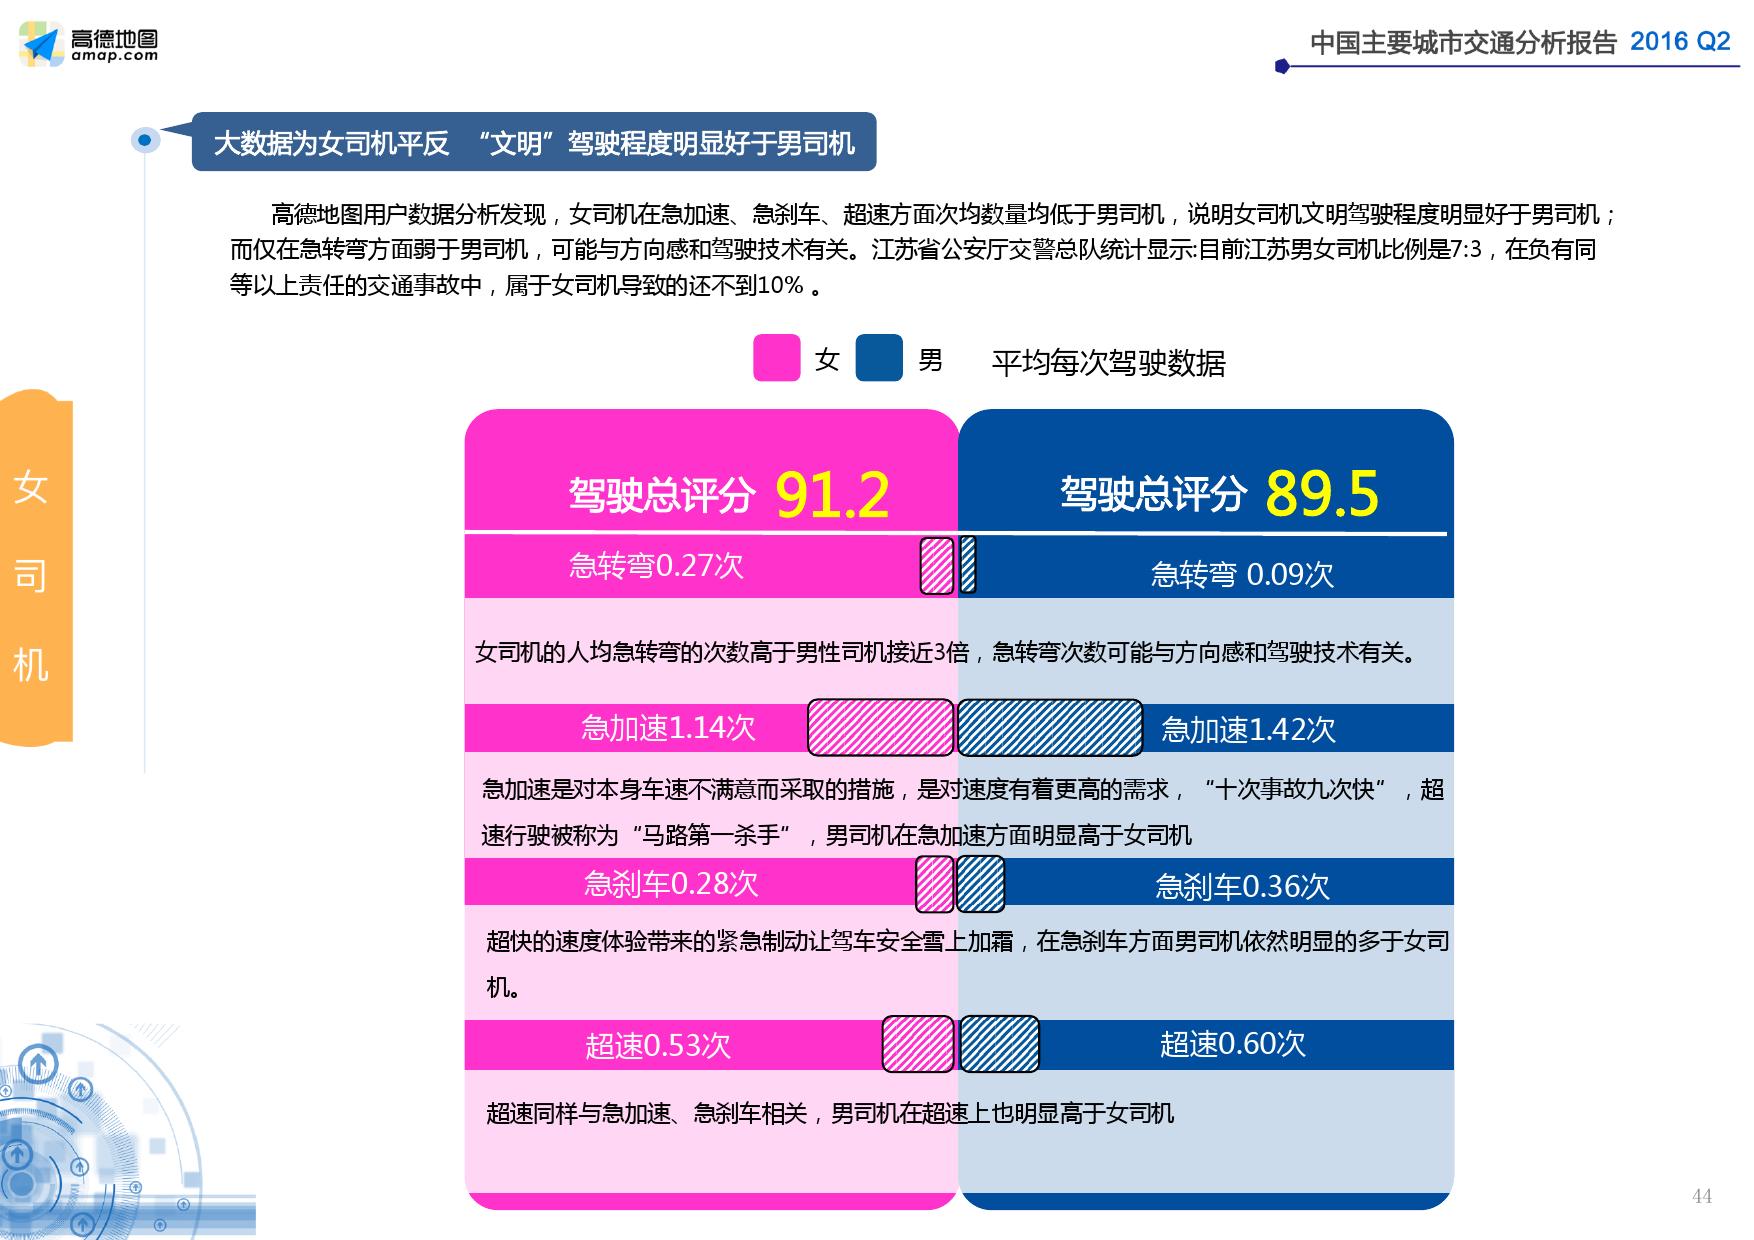 2016年Q2中国主要城市交通分析报告_000044